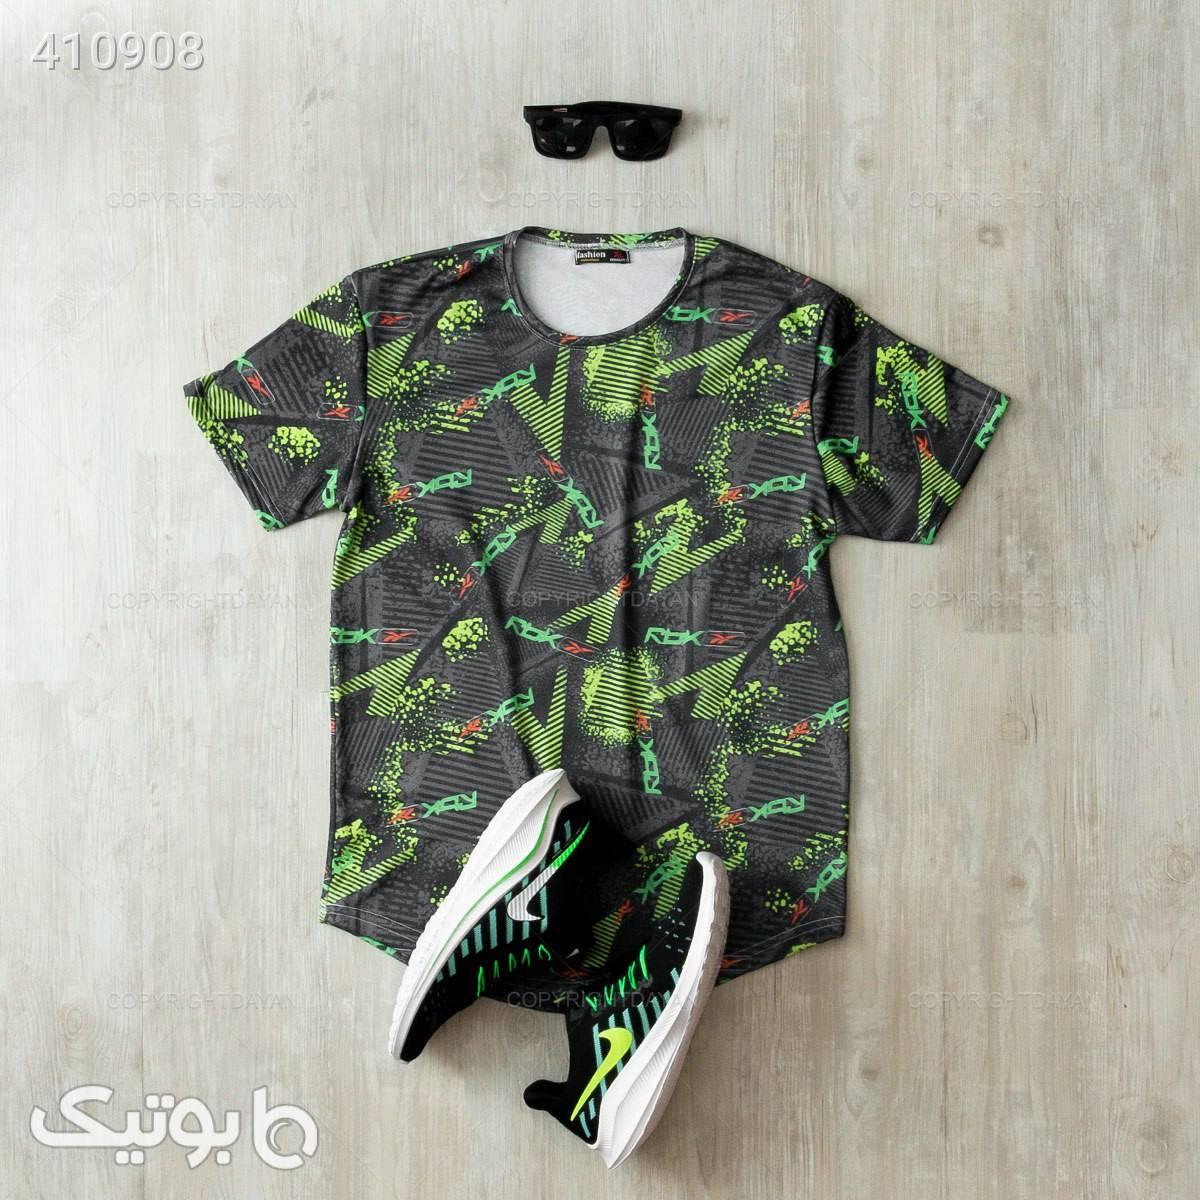 تیشرت آراز مدل  جگوار سبز تی شرت و پولو شرت مردانه